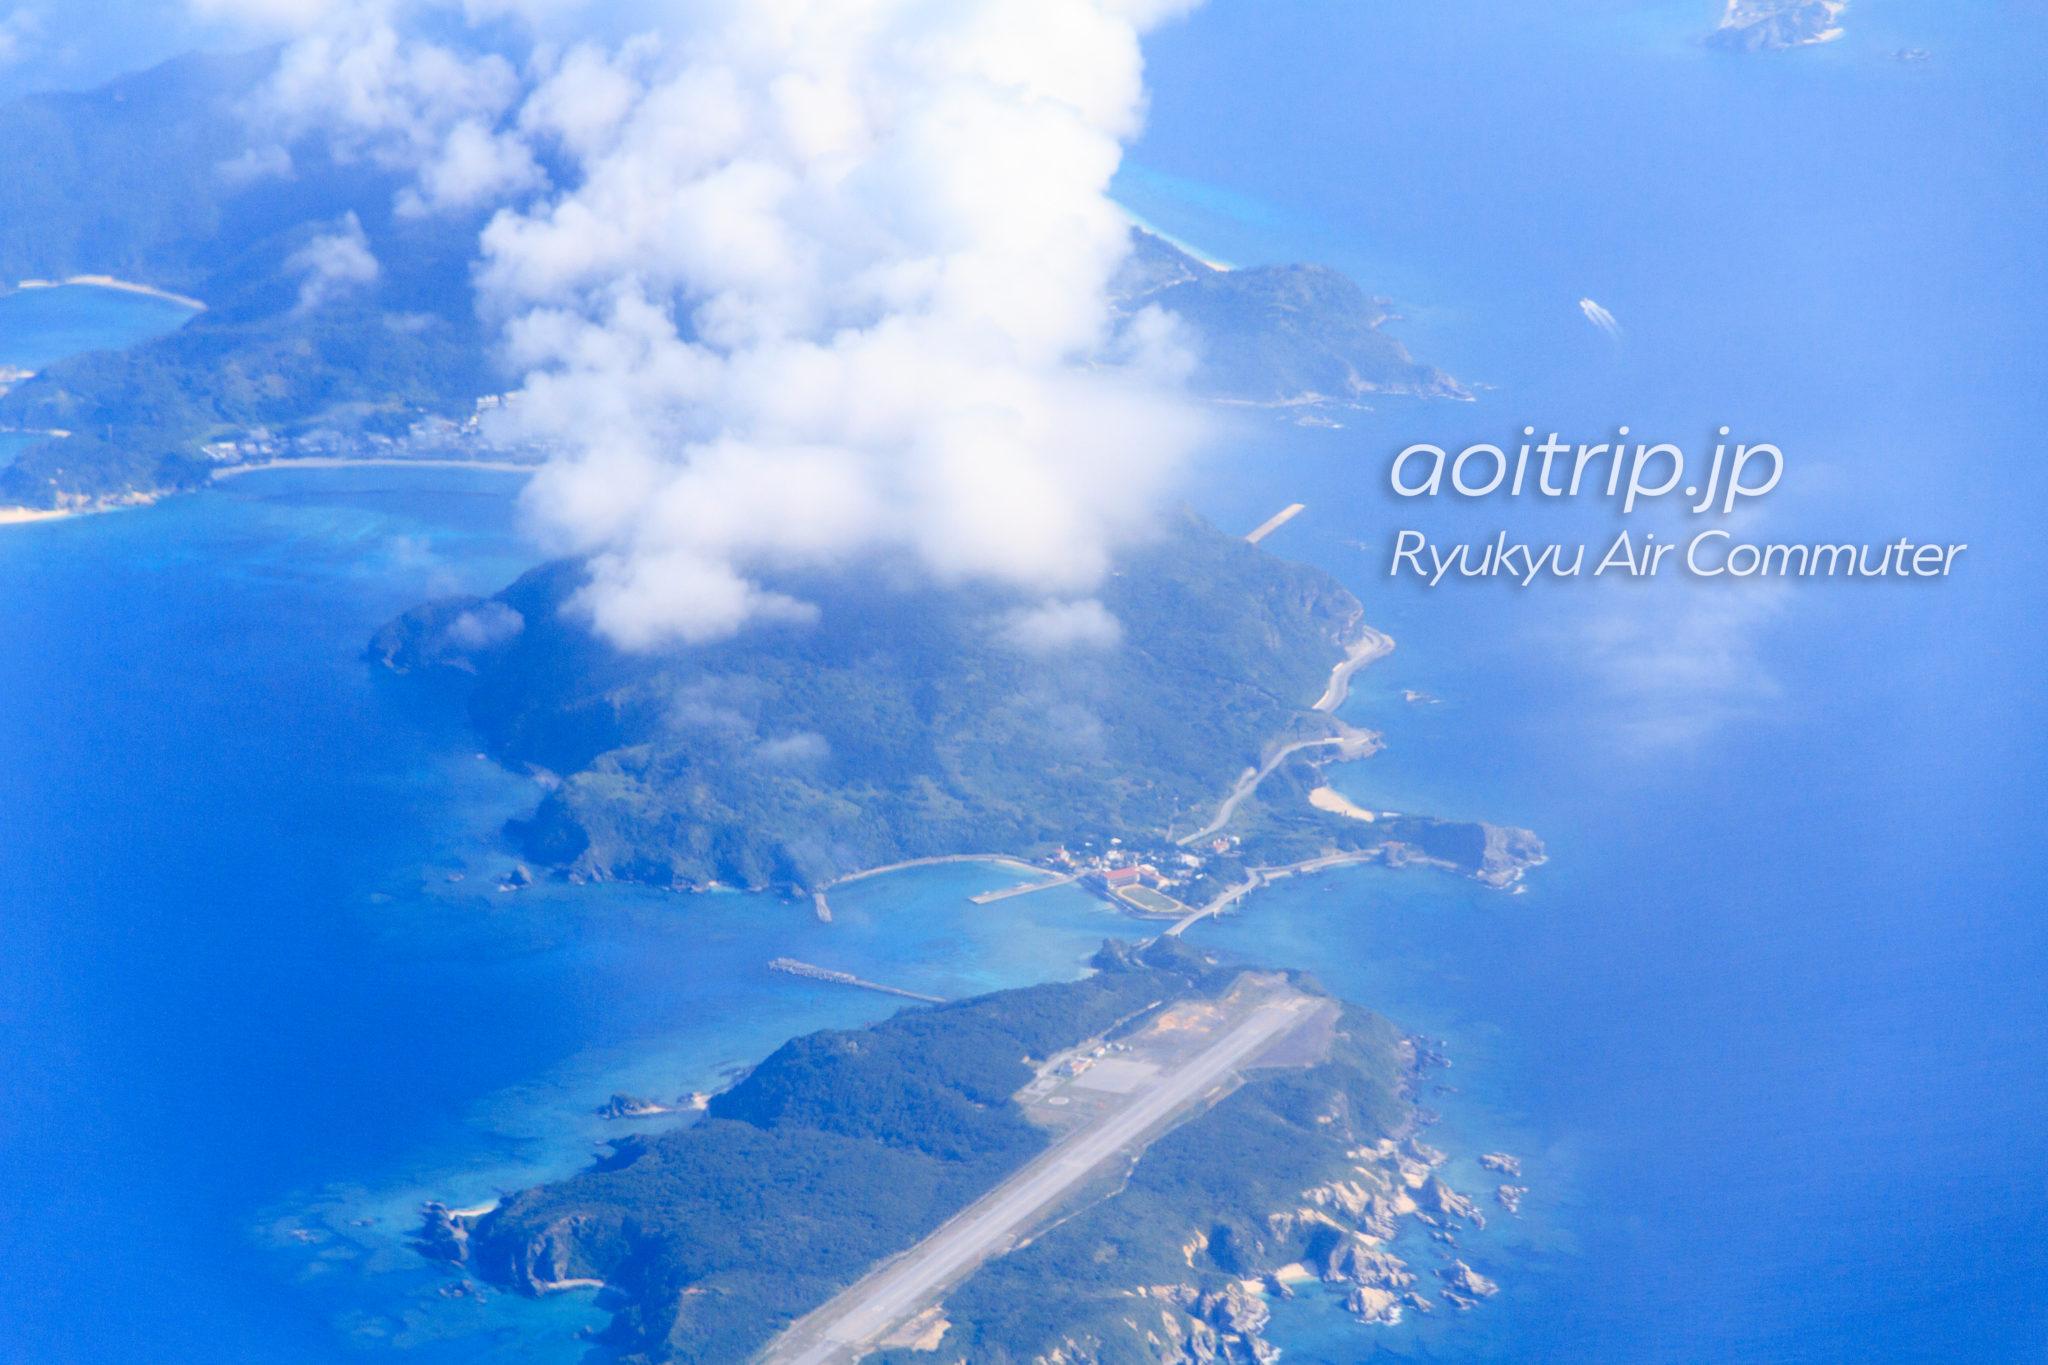 飛行機機内から見る外地島と慶留間島